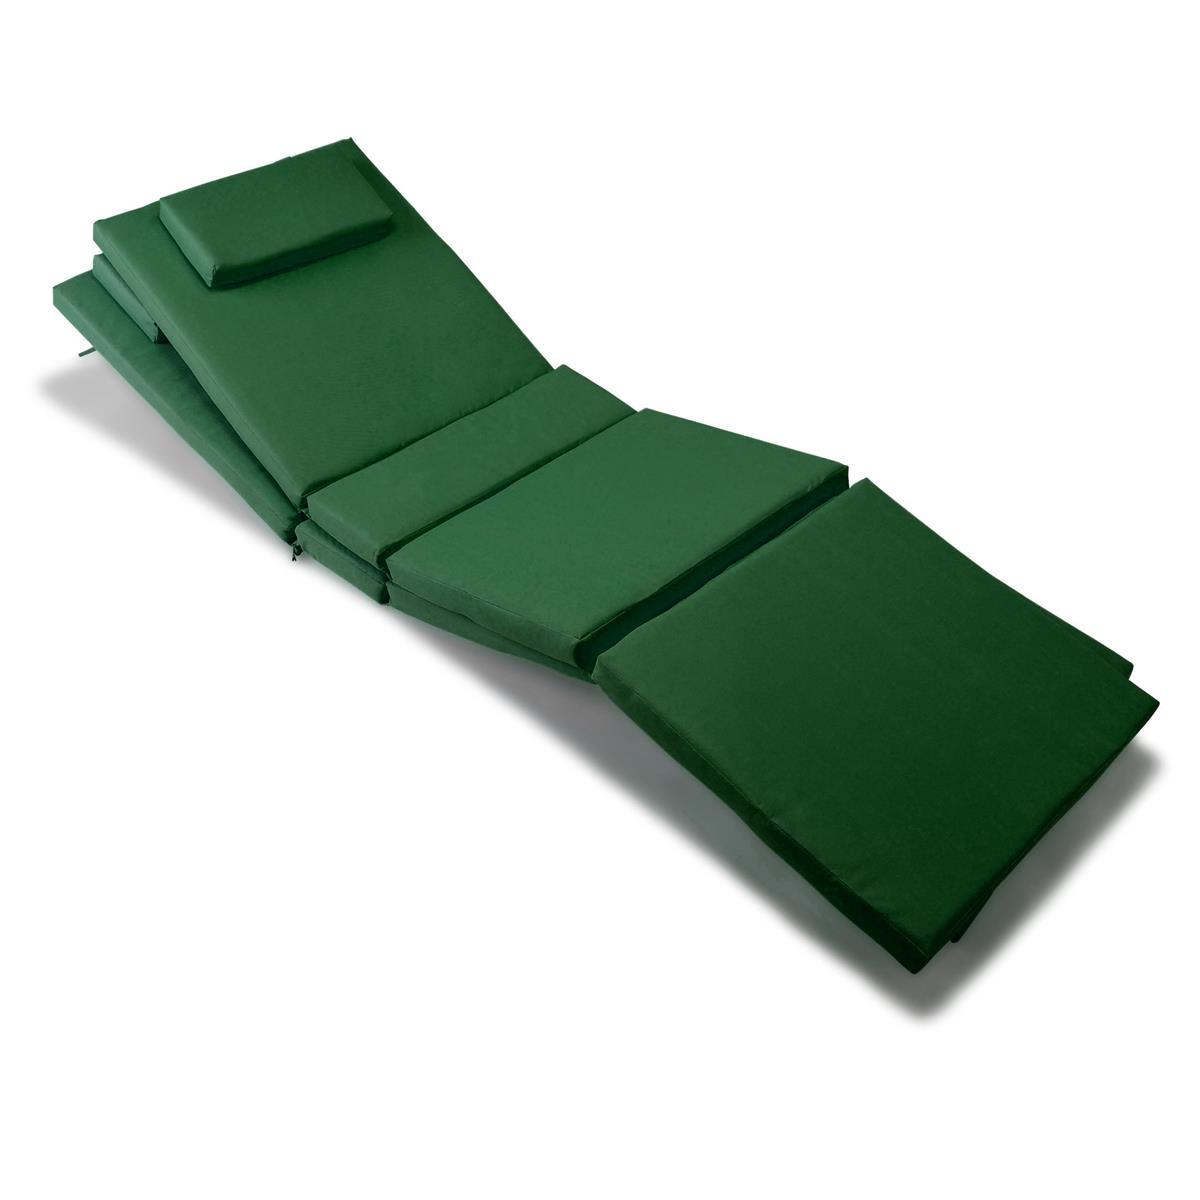 DIVERO 2x Liegenauflage Polster für Gartenliege 4 Segmente Kopfkissen grün